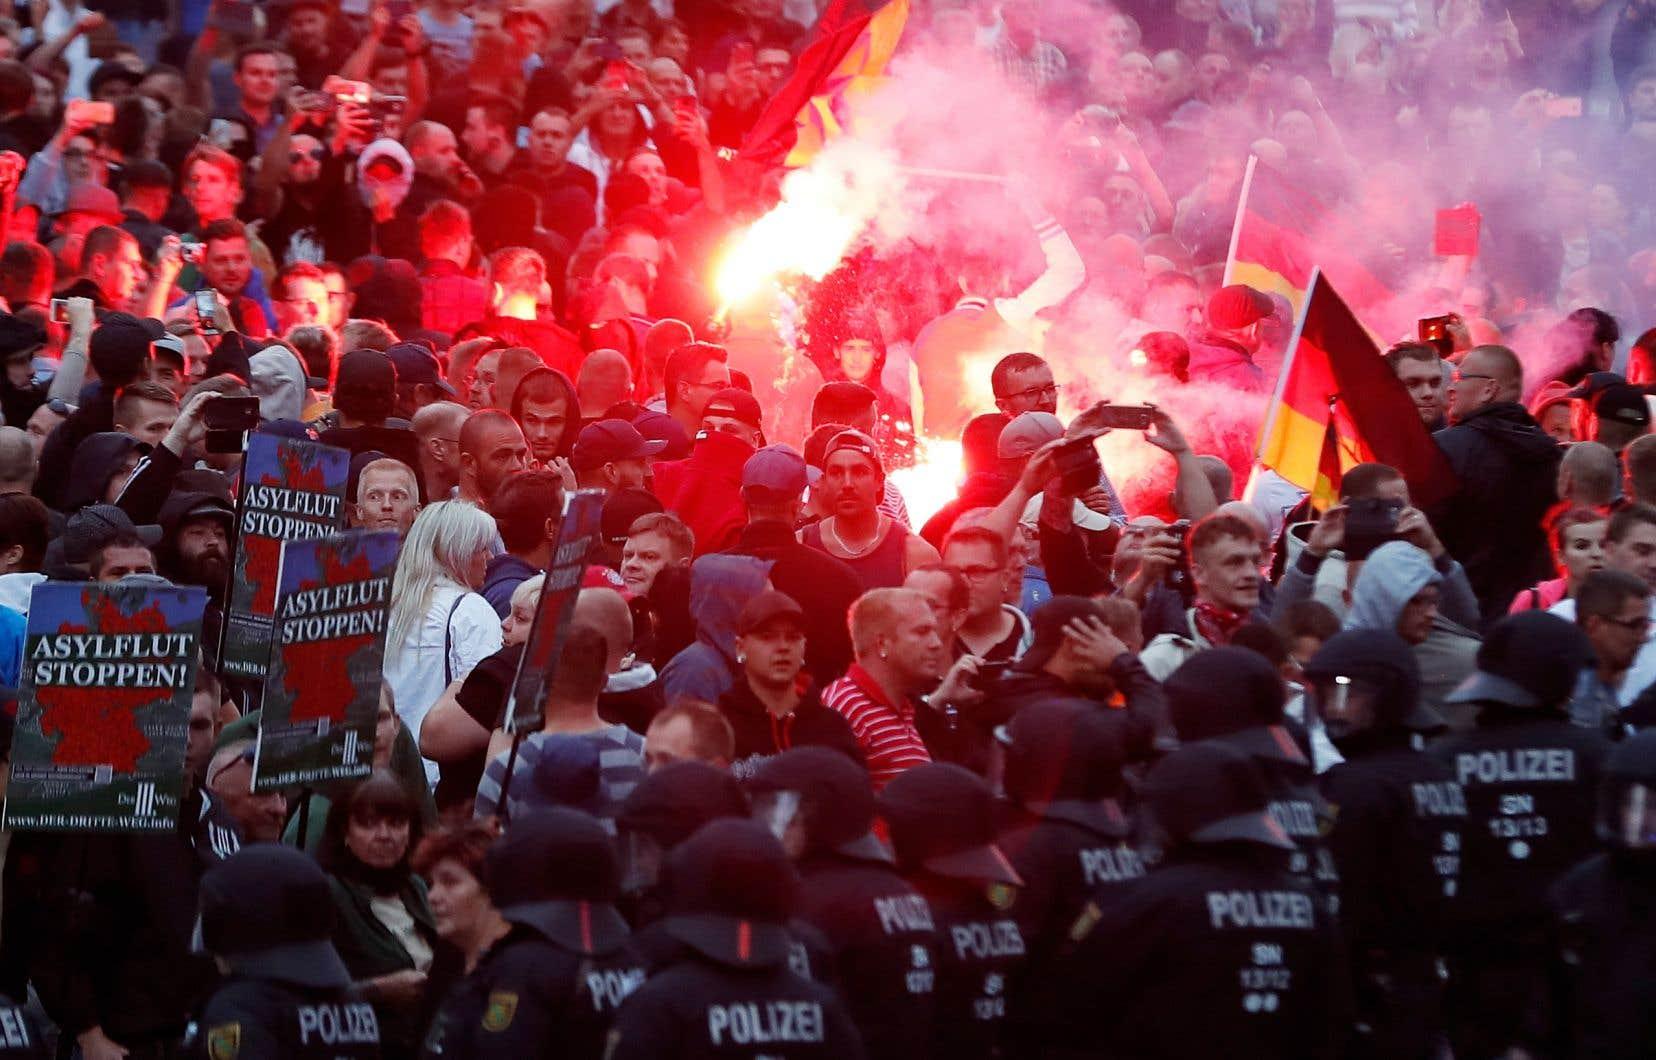 Plus de 2000 manifestants se sont rassemblés lundi soir dans la ville de Chemnitz pour s'opposer à l'immigration et à Angela Merkel.